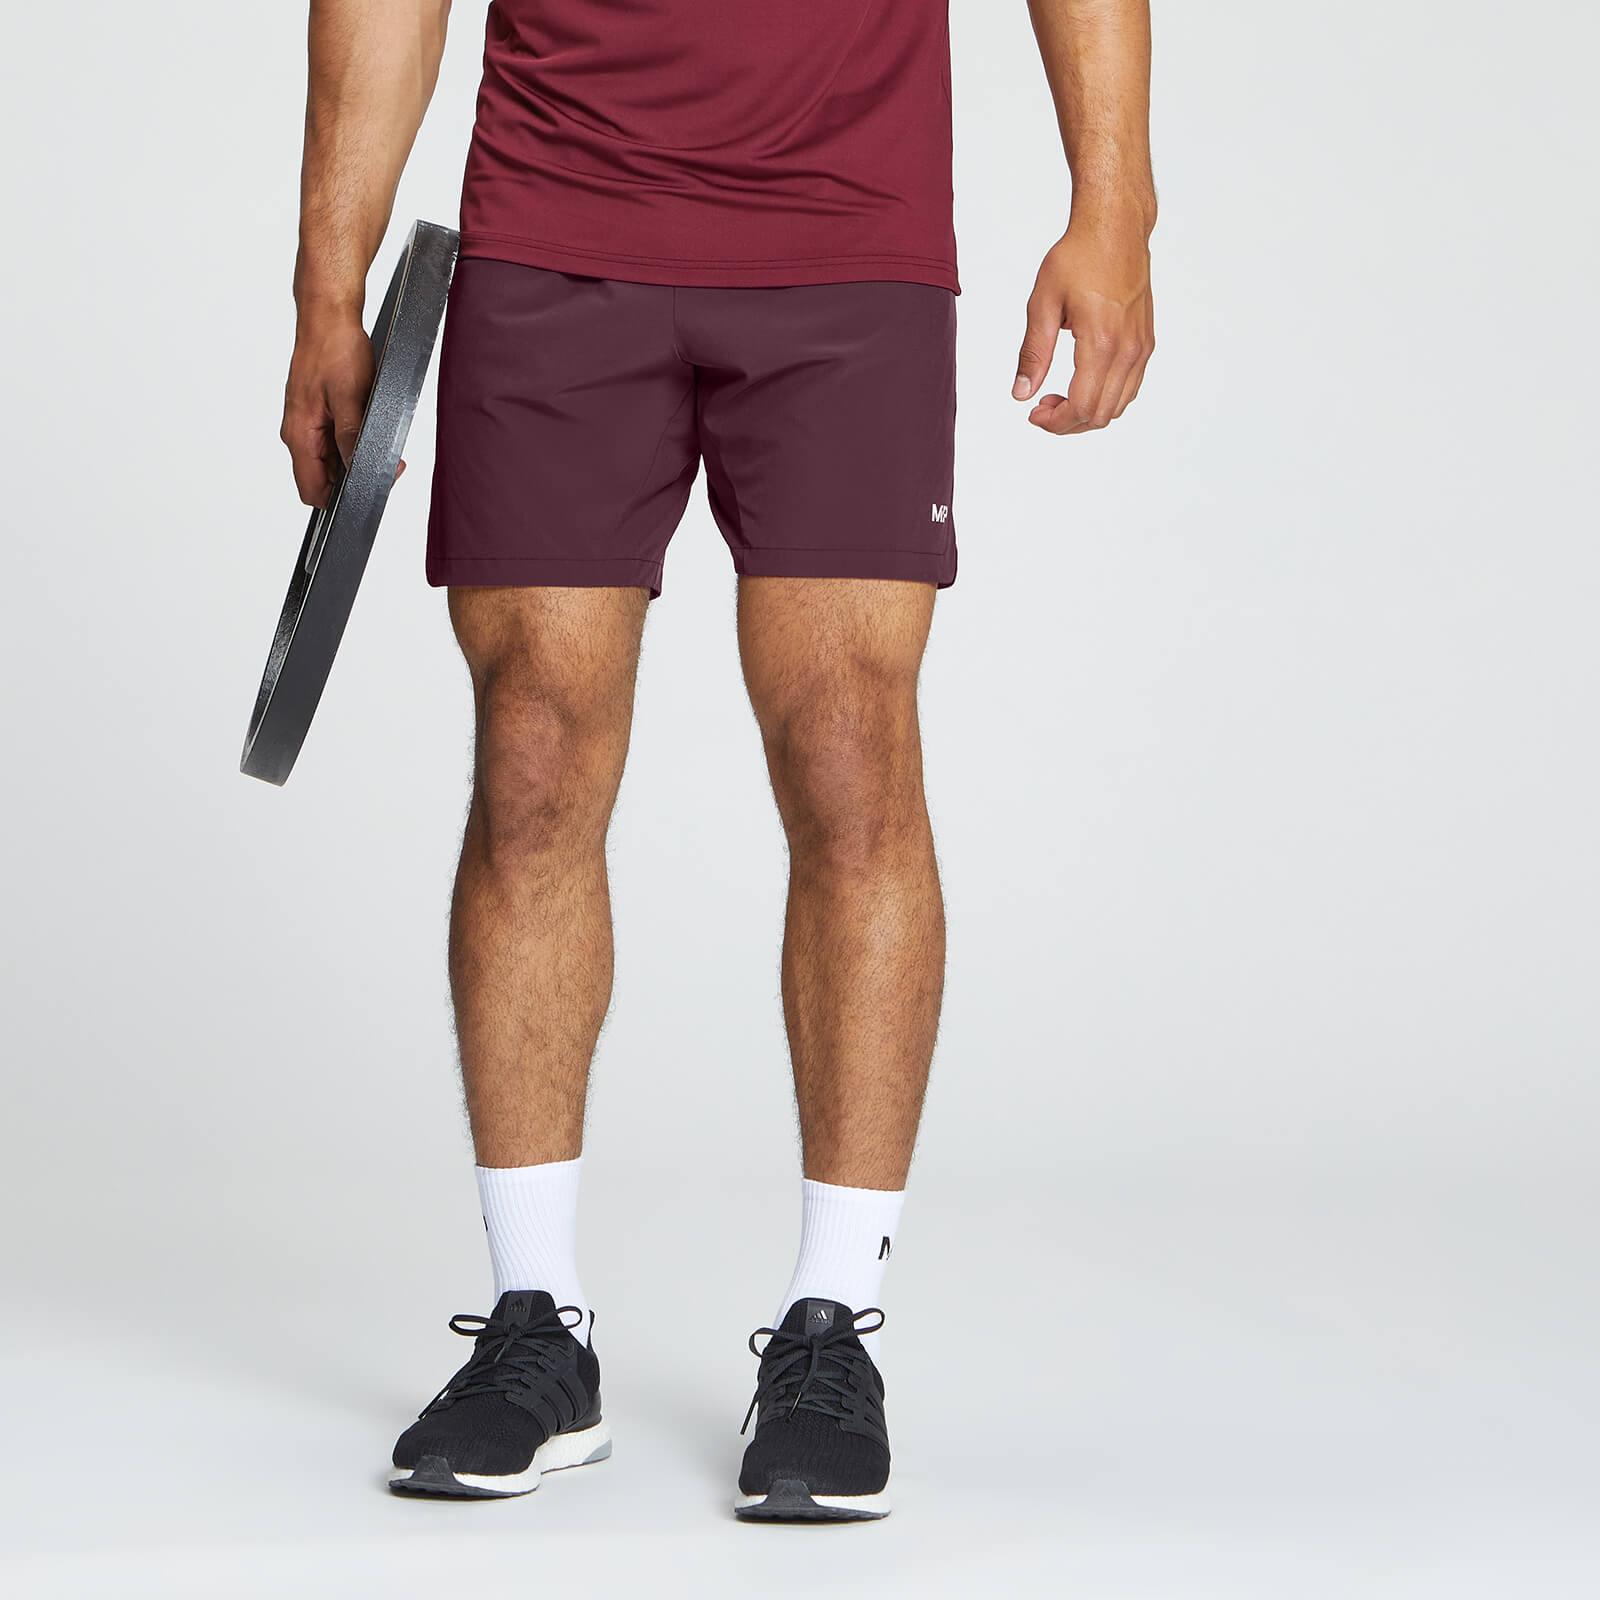 Купить MP Men's Essentials Training Shorts - Port - XS, Myprotein International